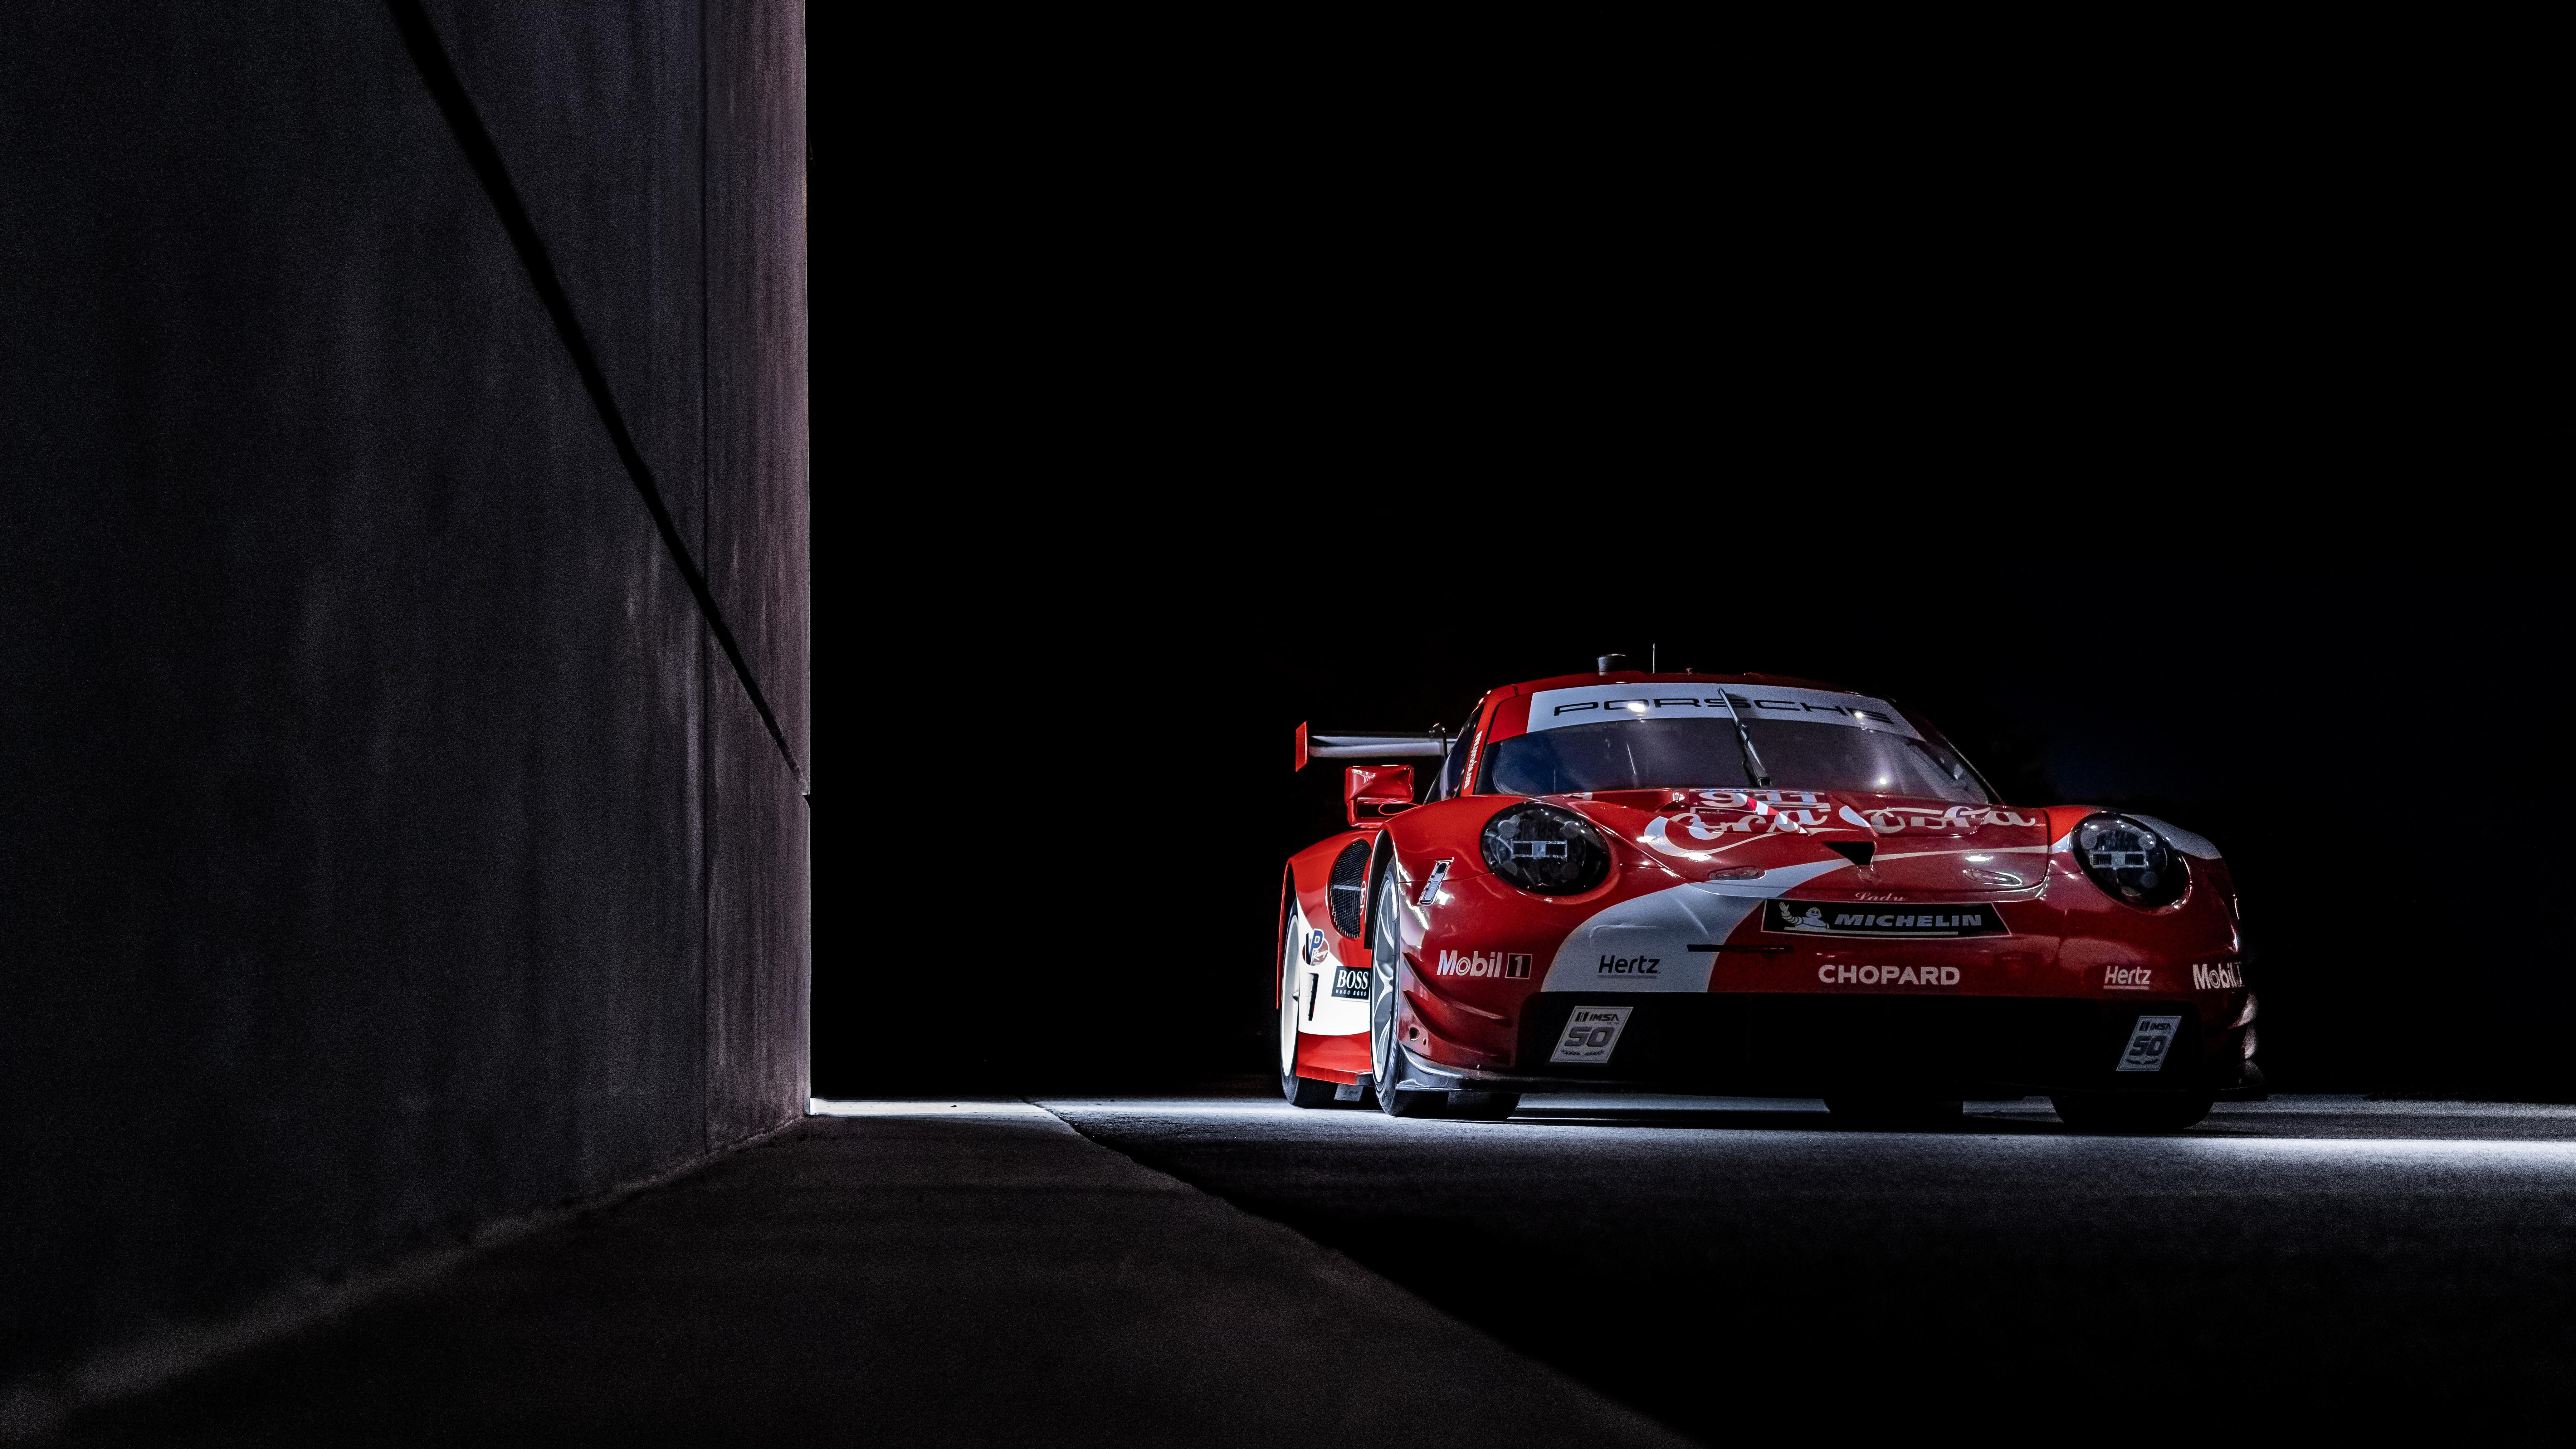 Wallpaper : Porsche 911 RSR, race cars 8256x4644 - Keanu ...